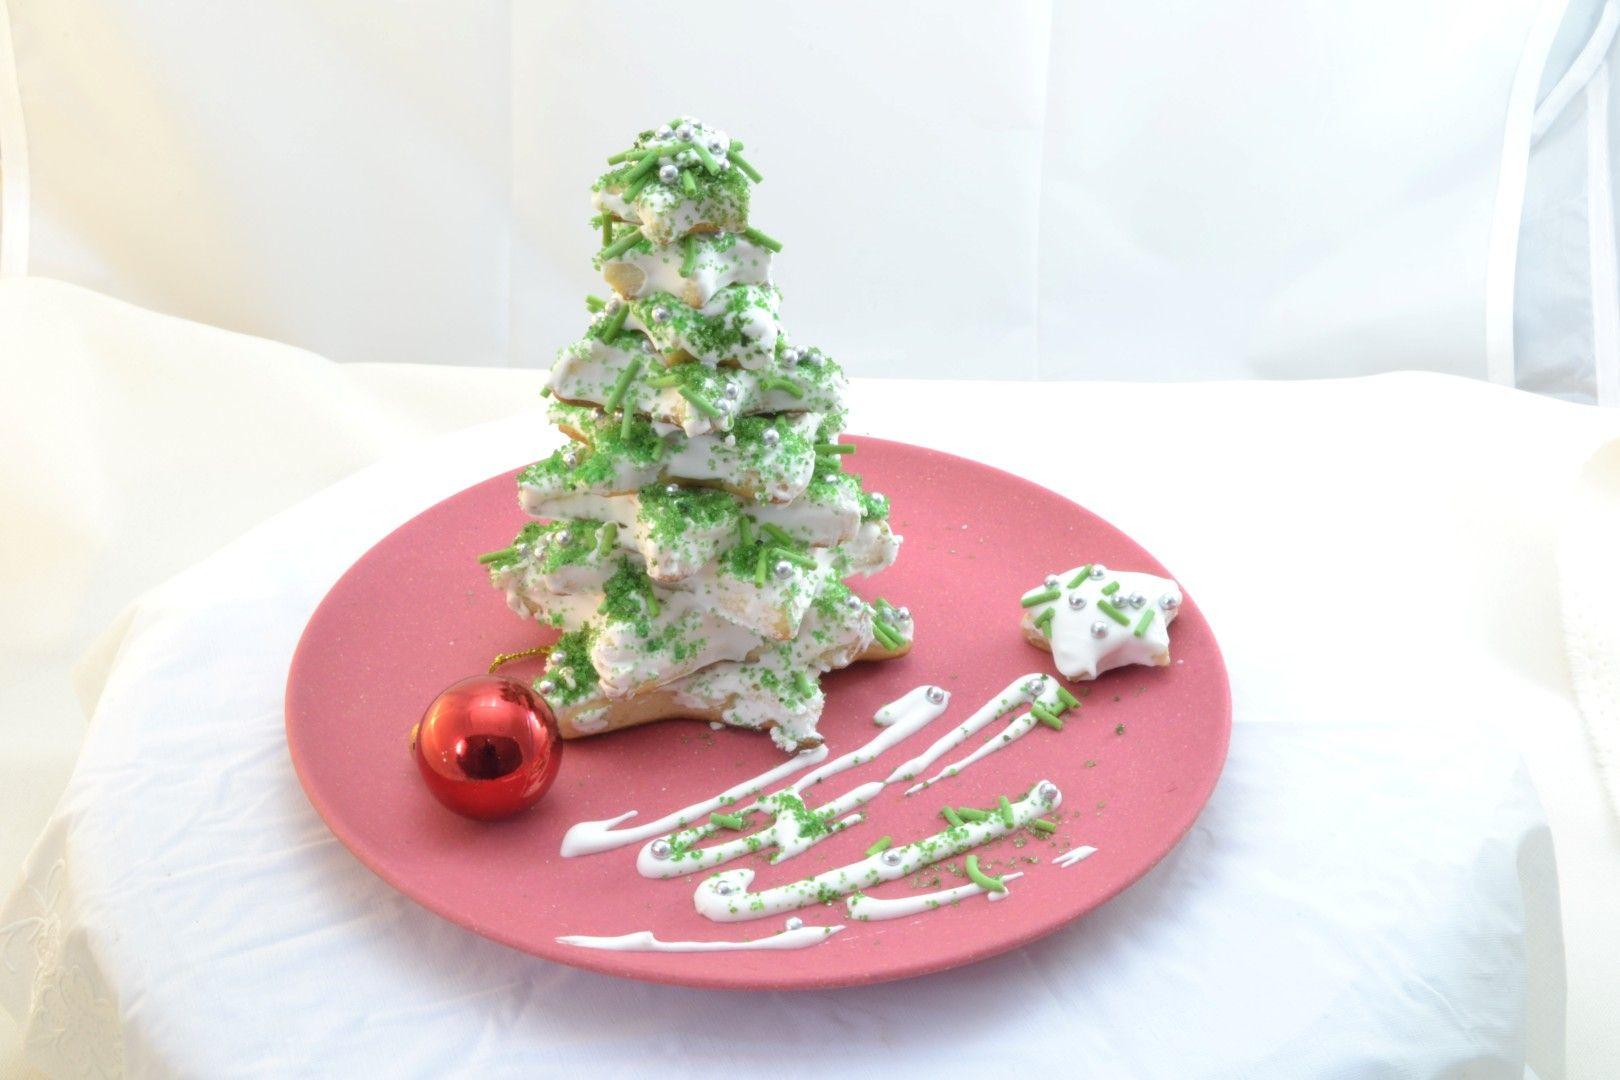 Mira esta novedosa receta, para preparar un pino de navidad con galletas. Clic para verla --> http://www.solopostres.com/re1116.html #navidad #recetas #postres #solopostres